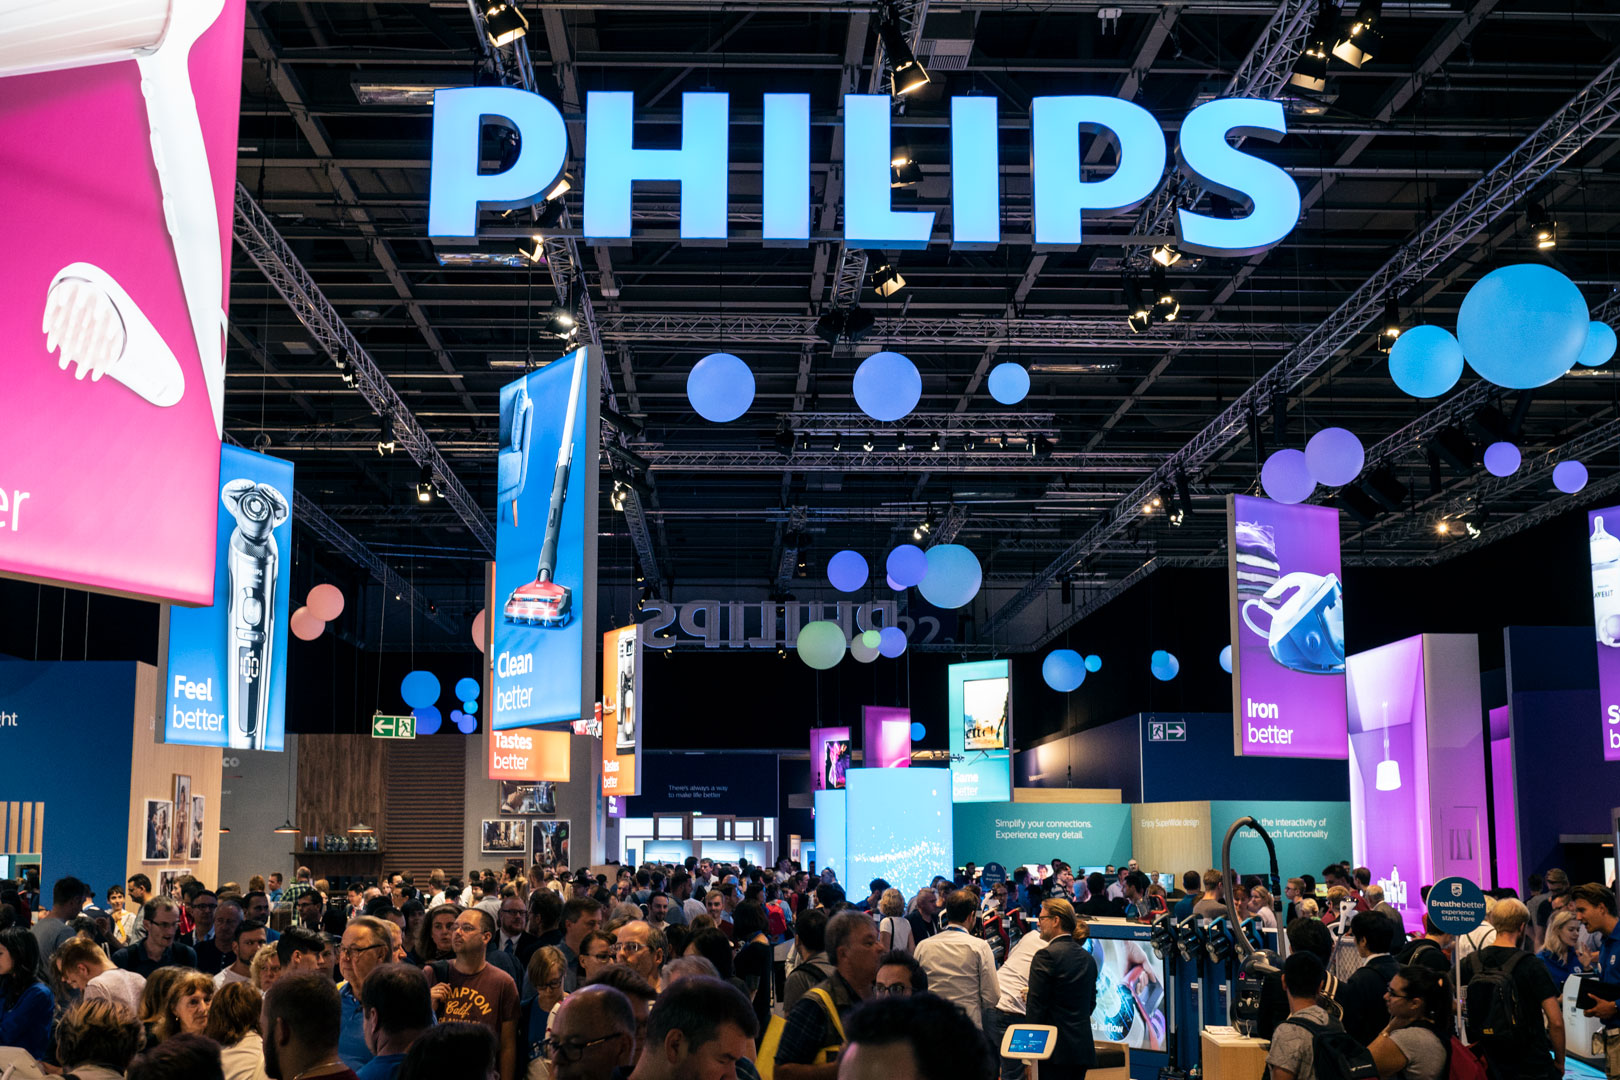 Für einen besseren Schlaf – Unsere Philips-Highlights der IFA 2018 in Berlin